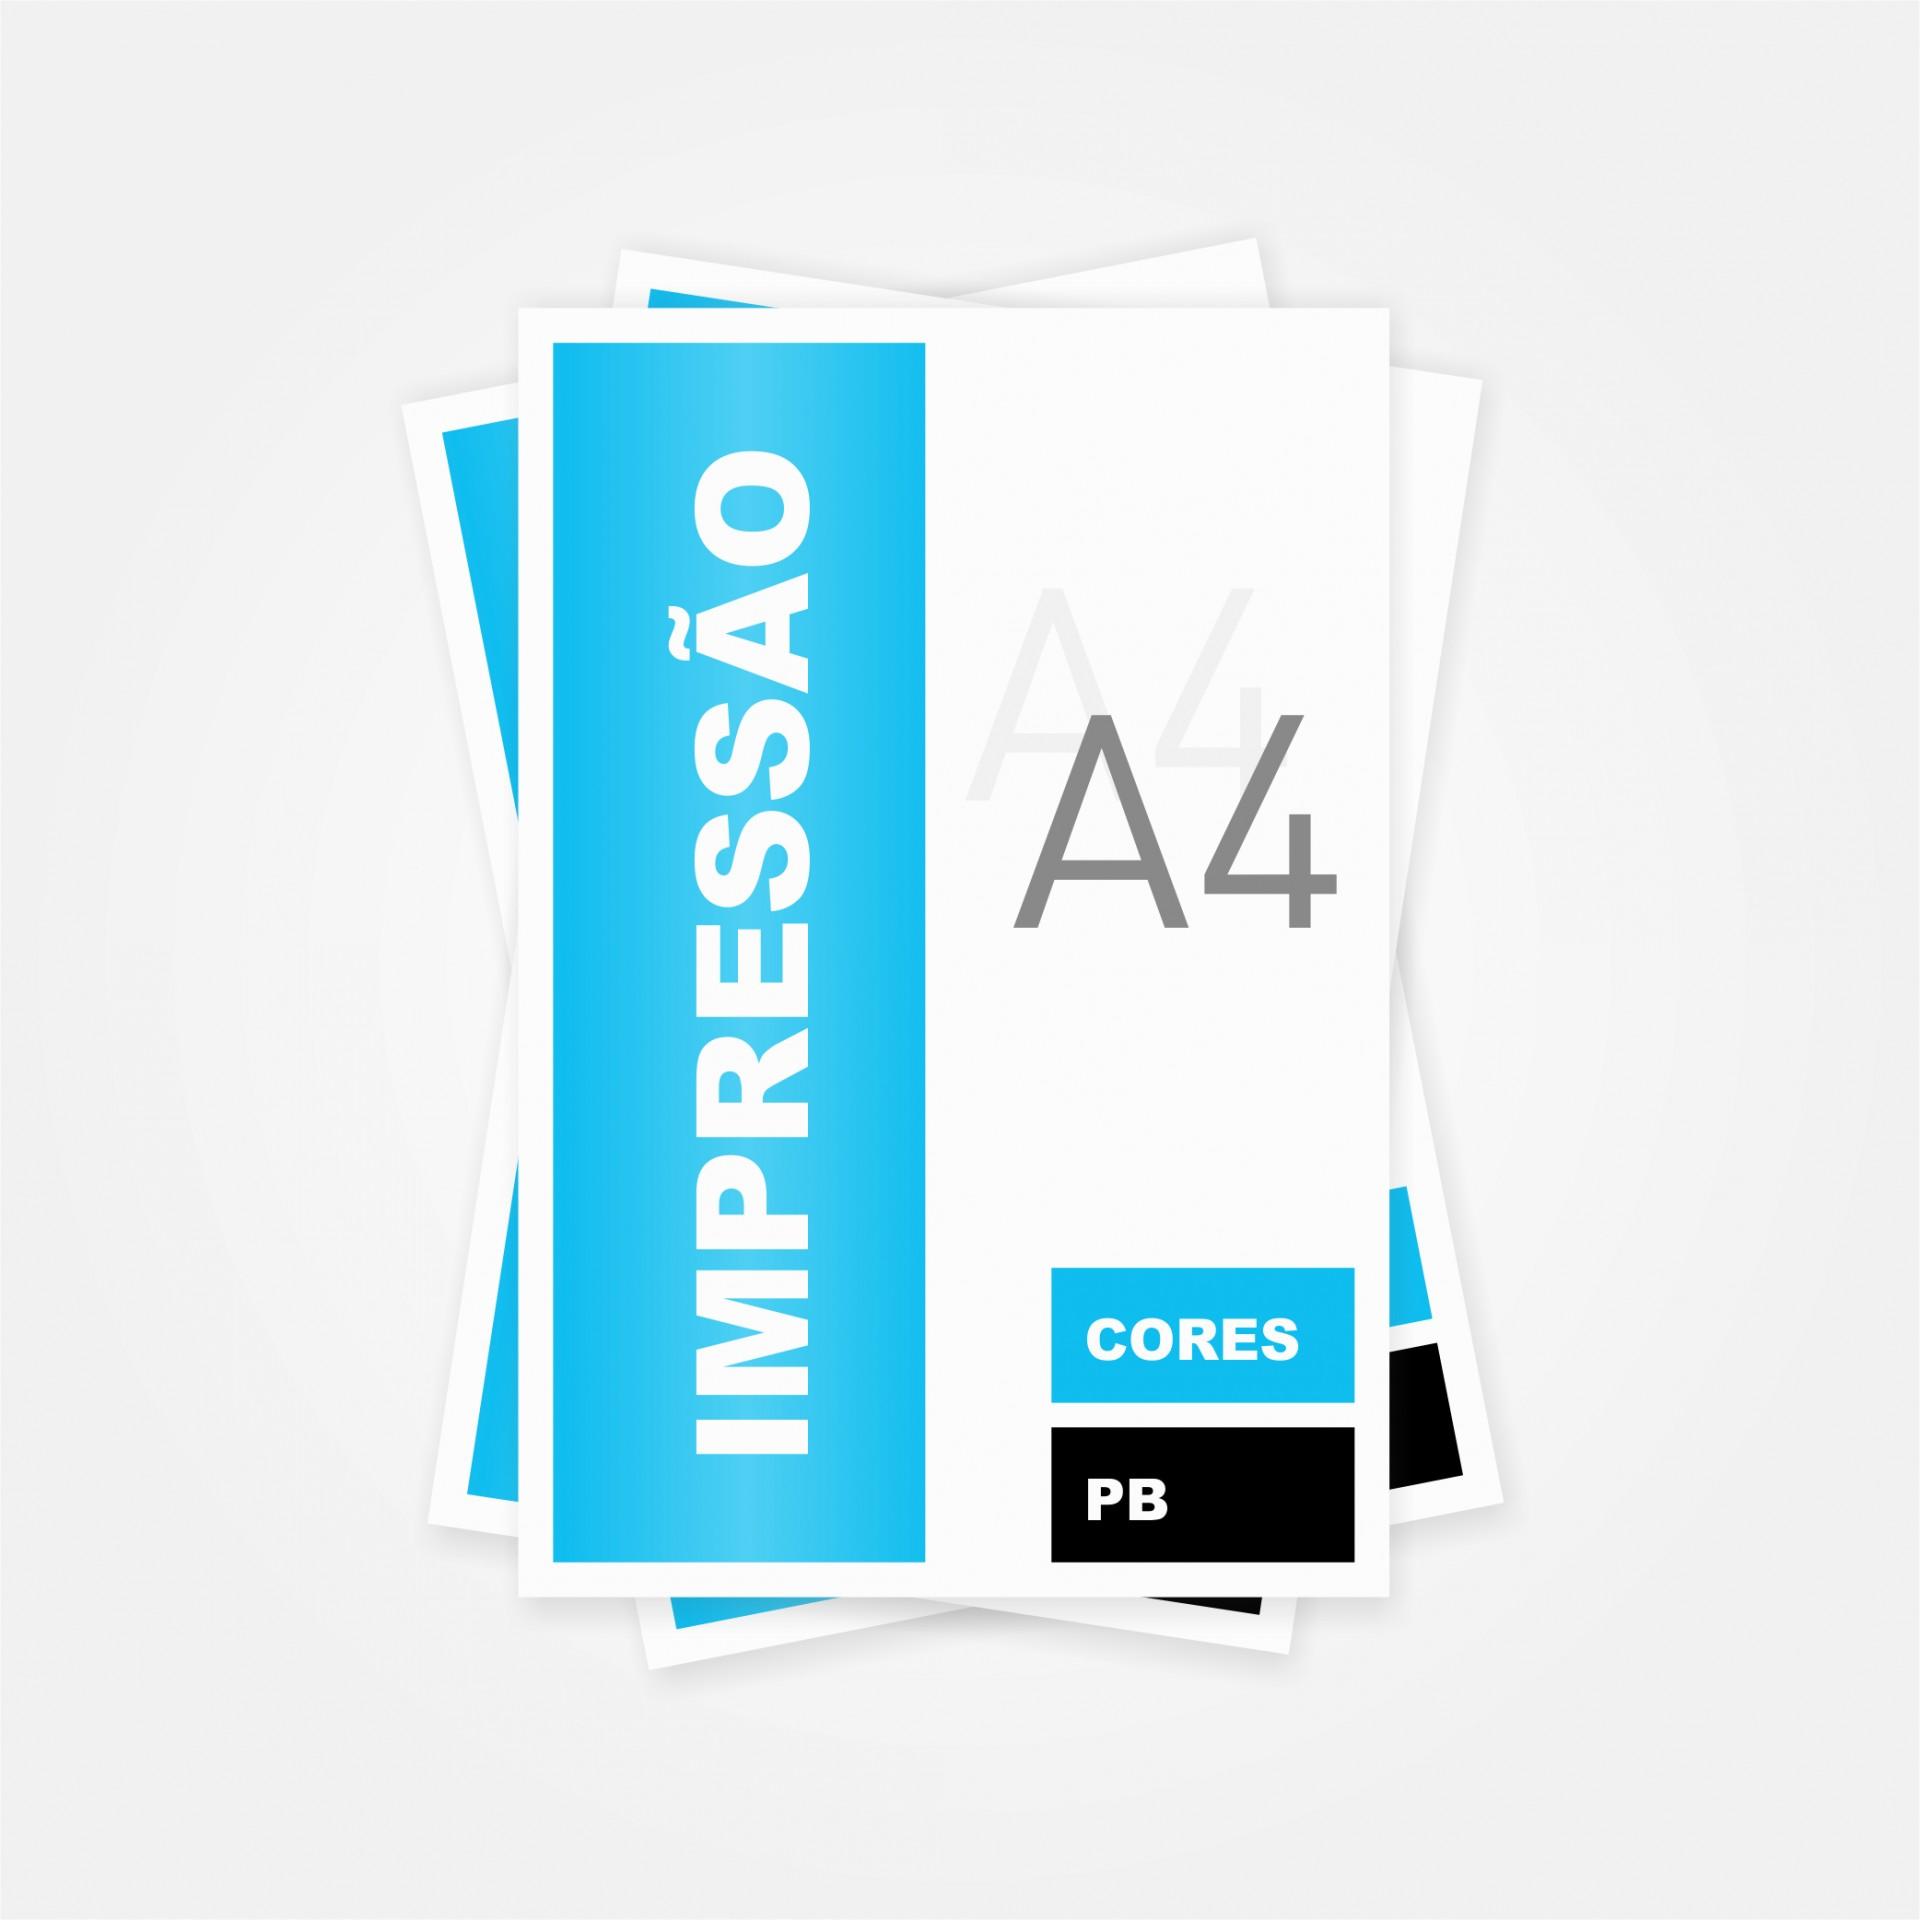 Impressão A4 (Preto ou Cores)